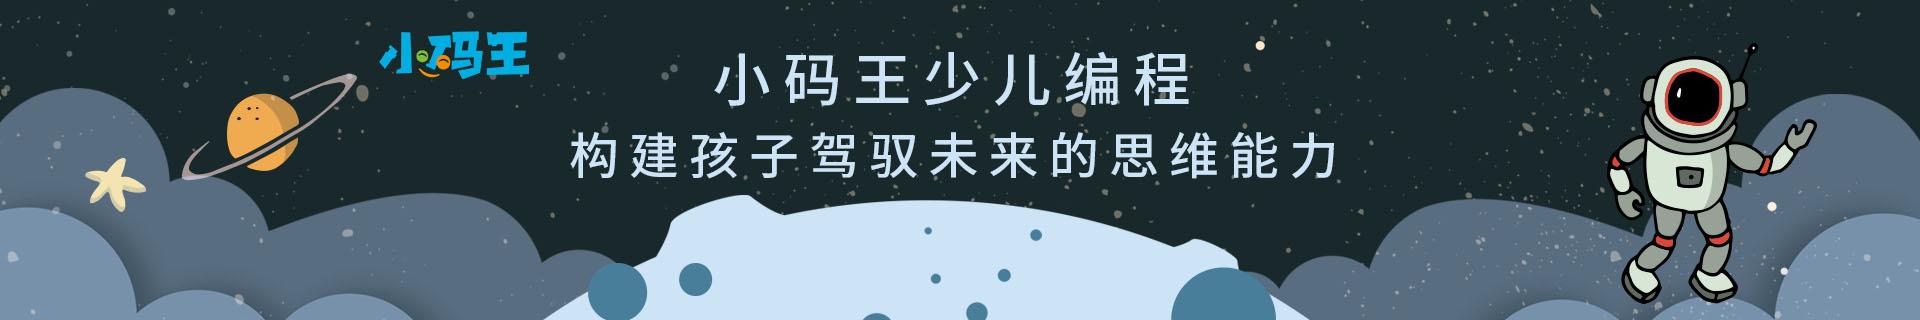 成都新希望小码王少儿编程培训机构